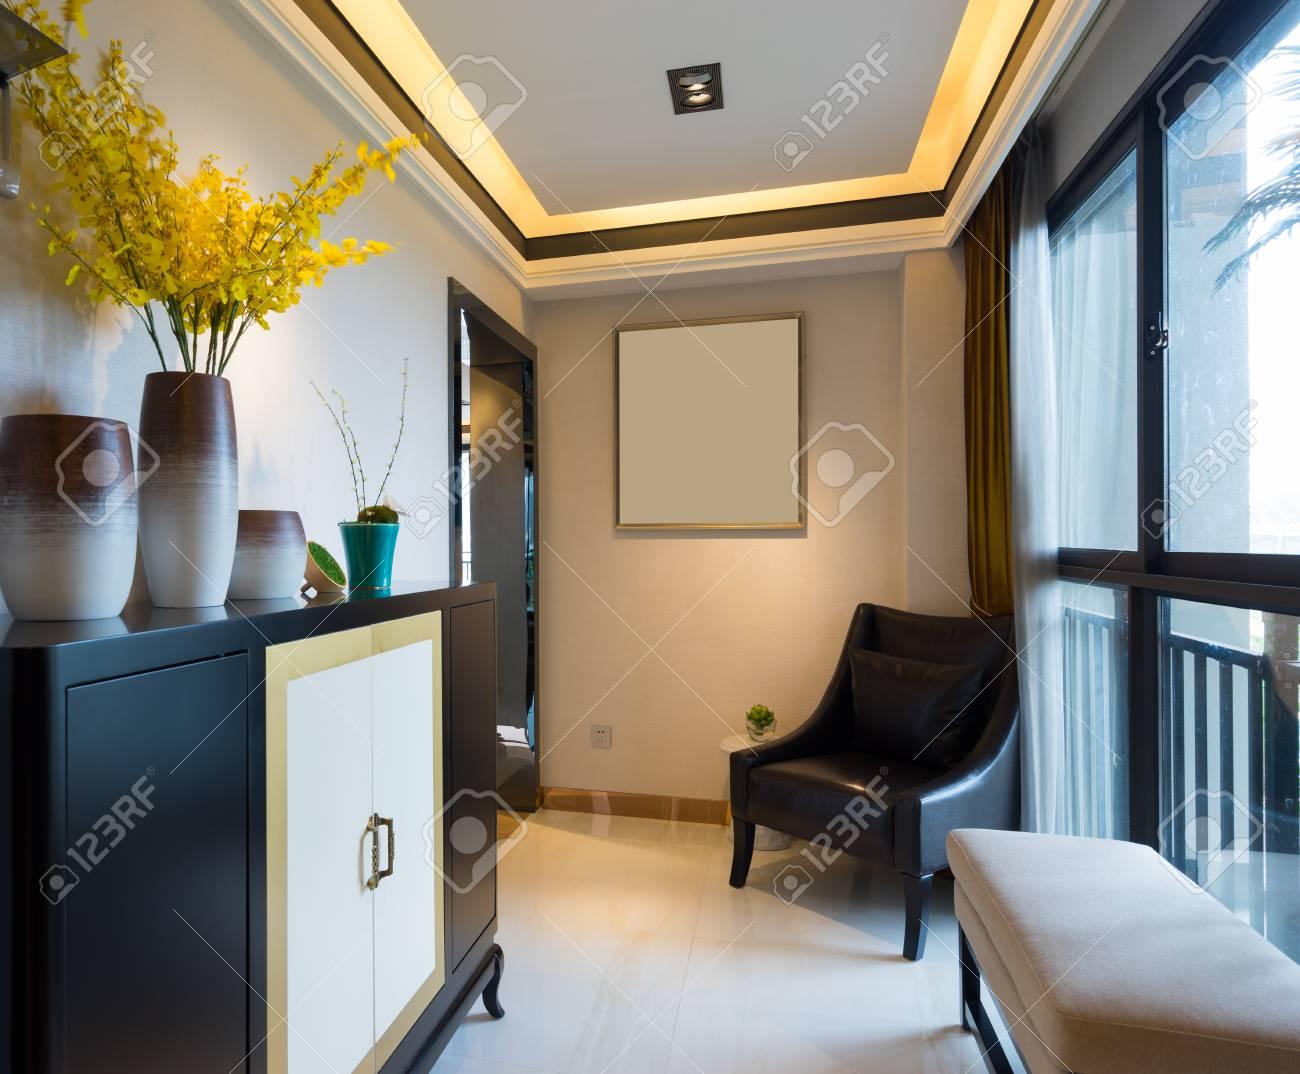 Schön Hausinnenraum Themen Fotos - Images for inspirierende Ideen ...